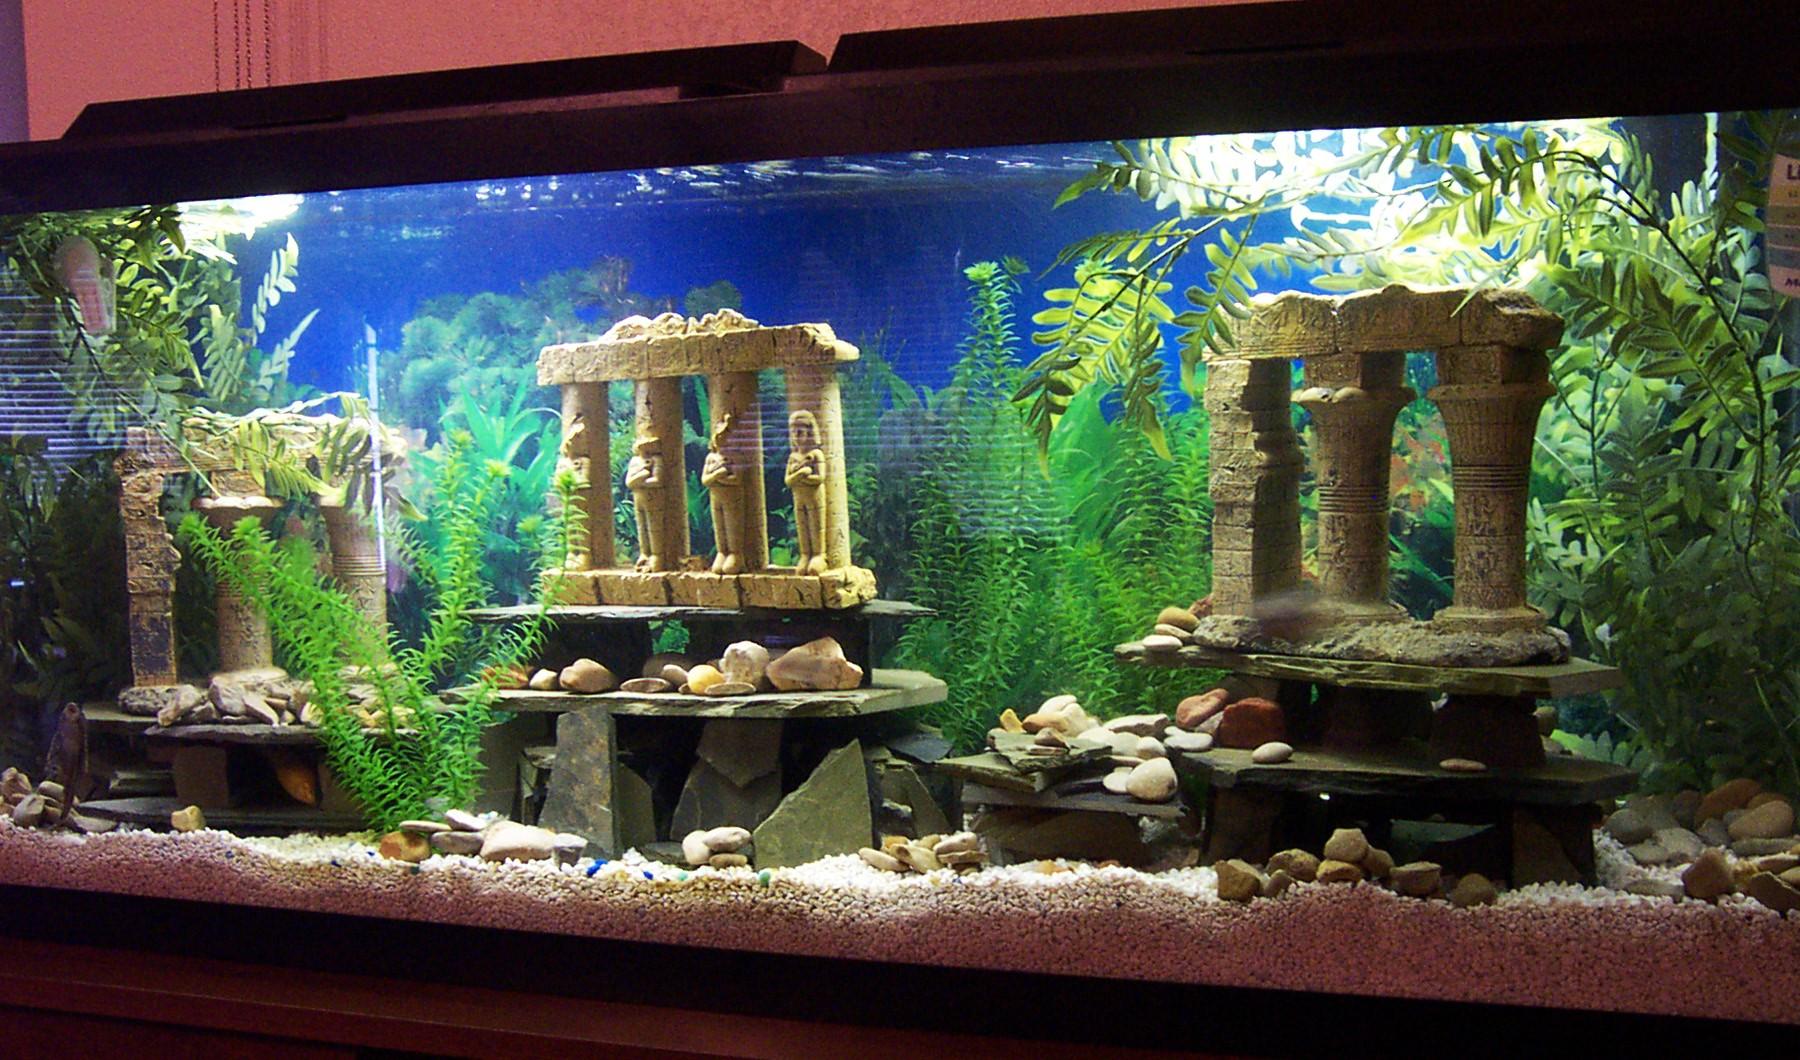 картинки декорации в аквариум чарующая прекрасная, давних